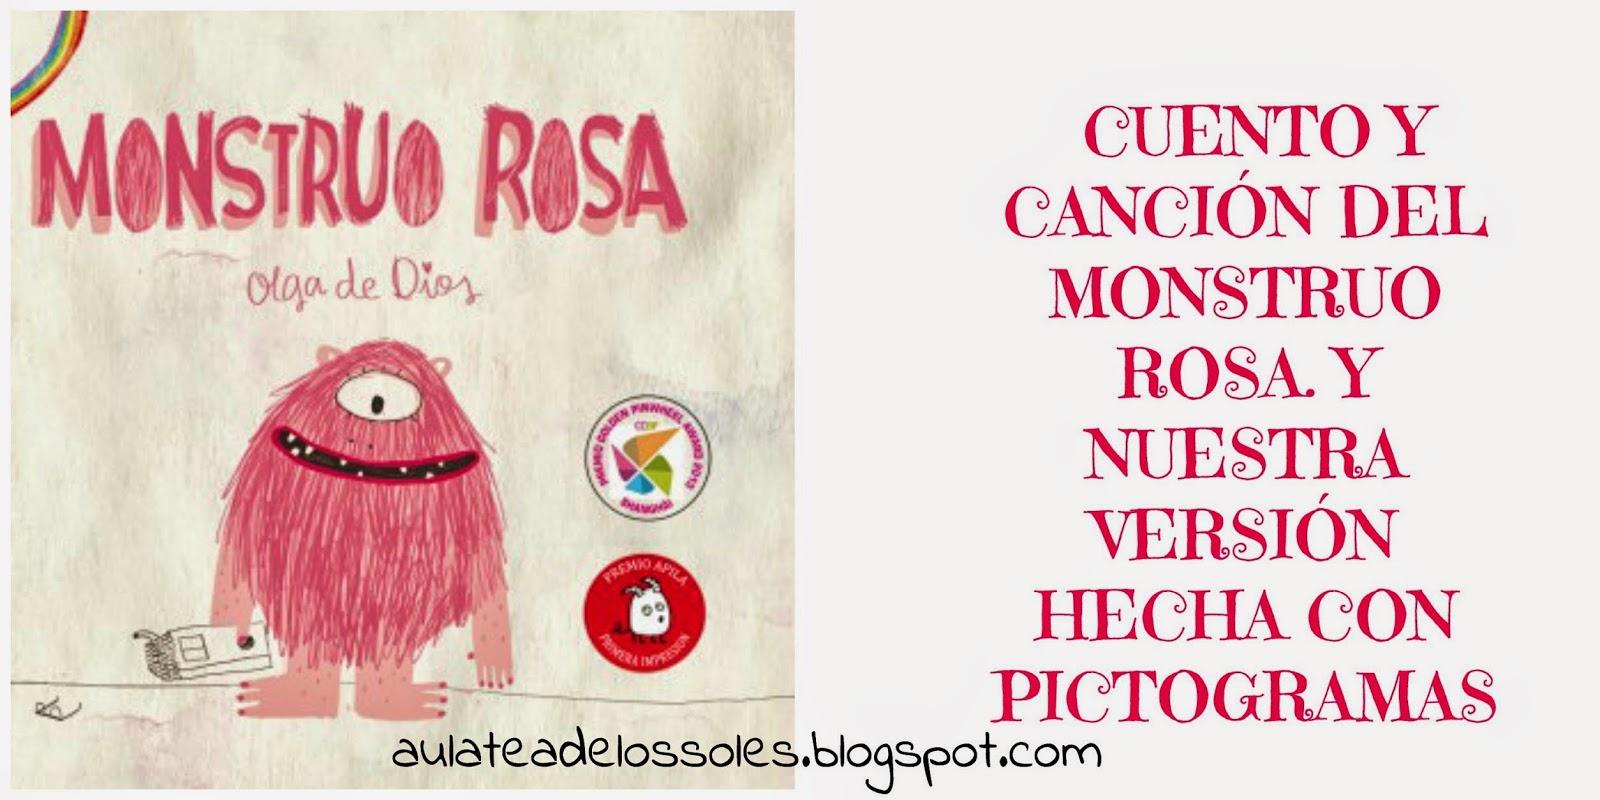 El Aula De Los Soles Un Aula Libre De Fichas Y Libros De Texto Para Niños Con Tea El Cuento Y La Canción Del Monstruo Rosa